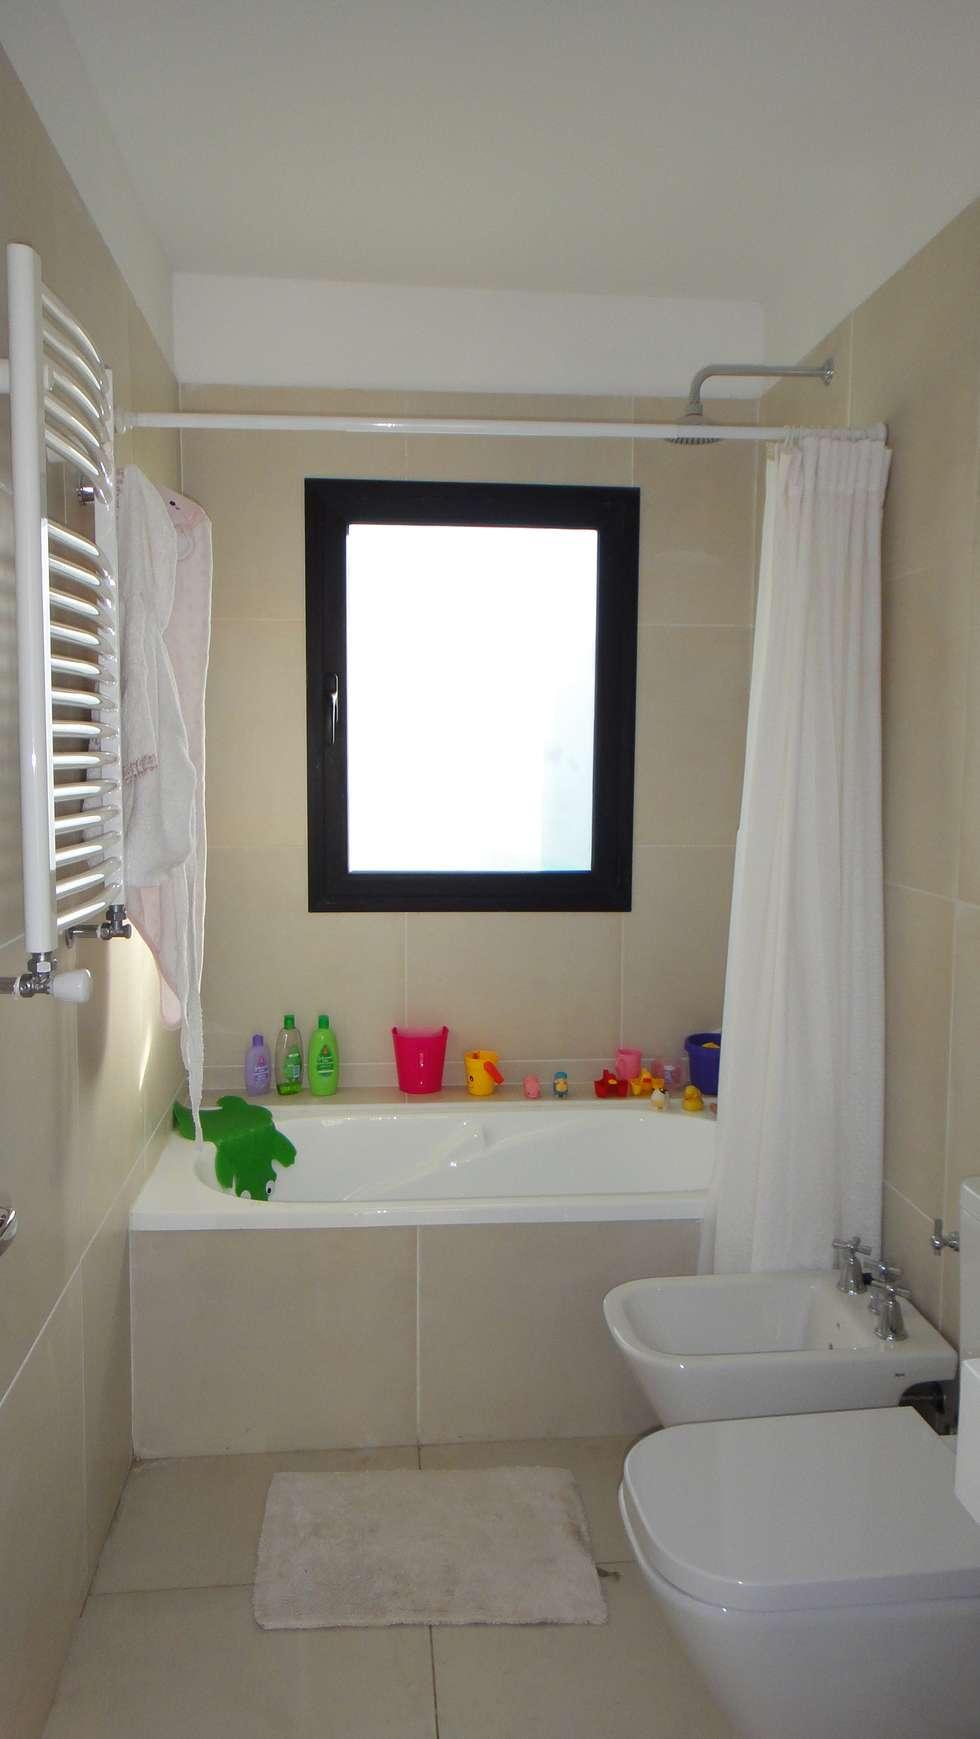 Baño niños: Baños de estilo moderno por 2424 ARQUITECTURA